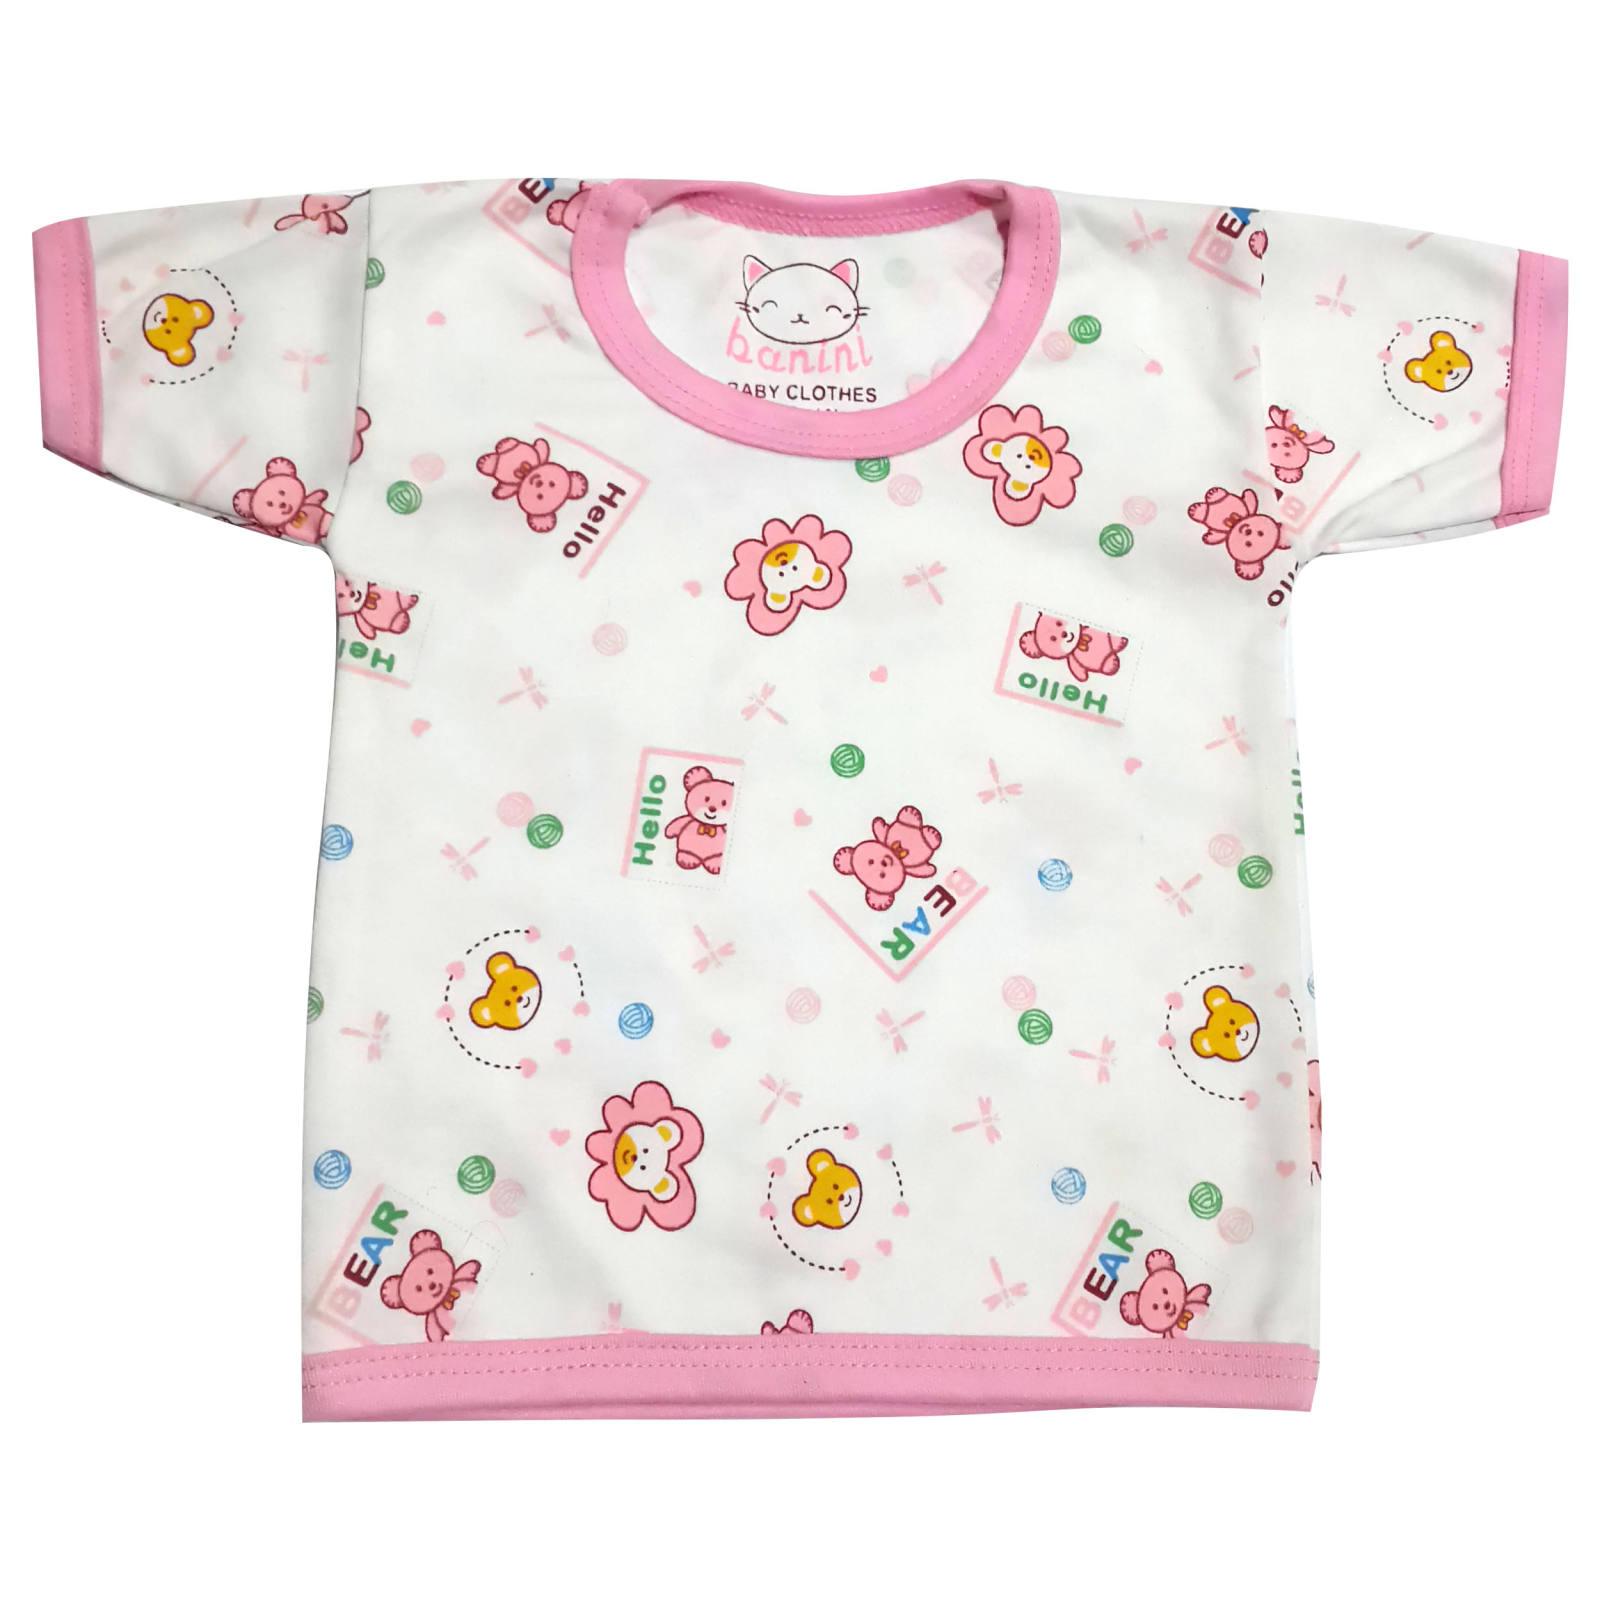 ست 4 تکه لباس نوزادی کد q111 رنگ صورتی -  - 3